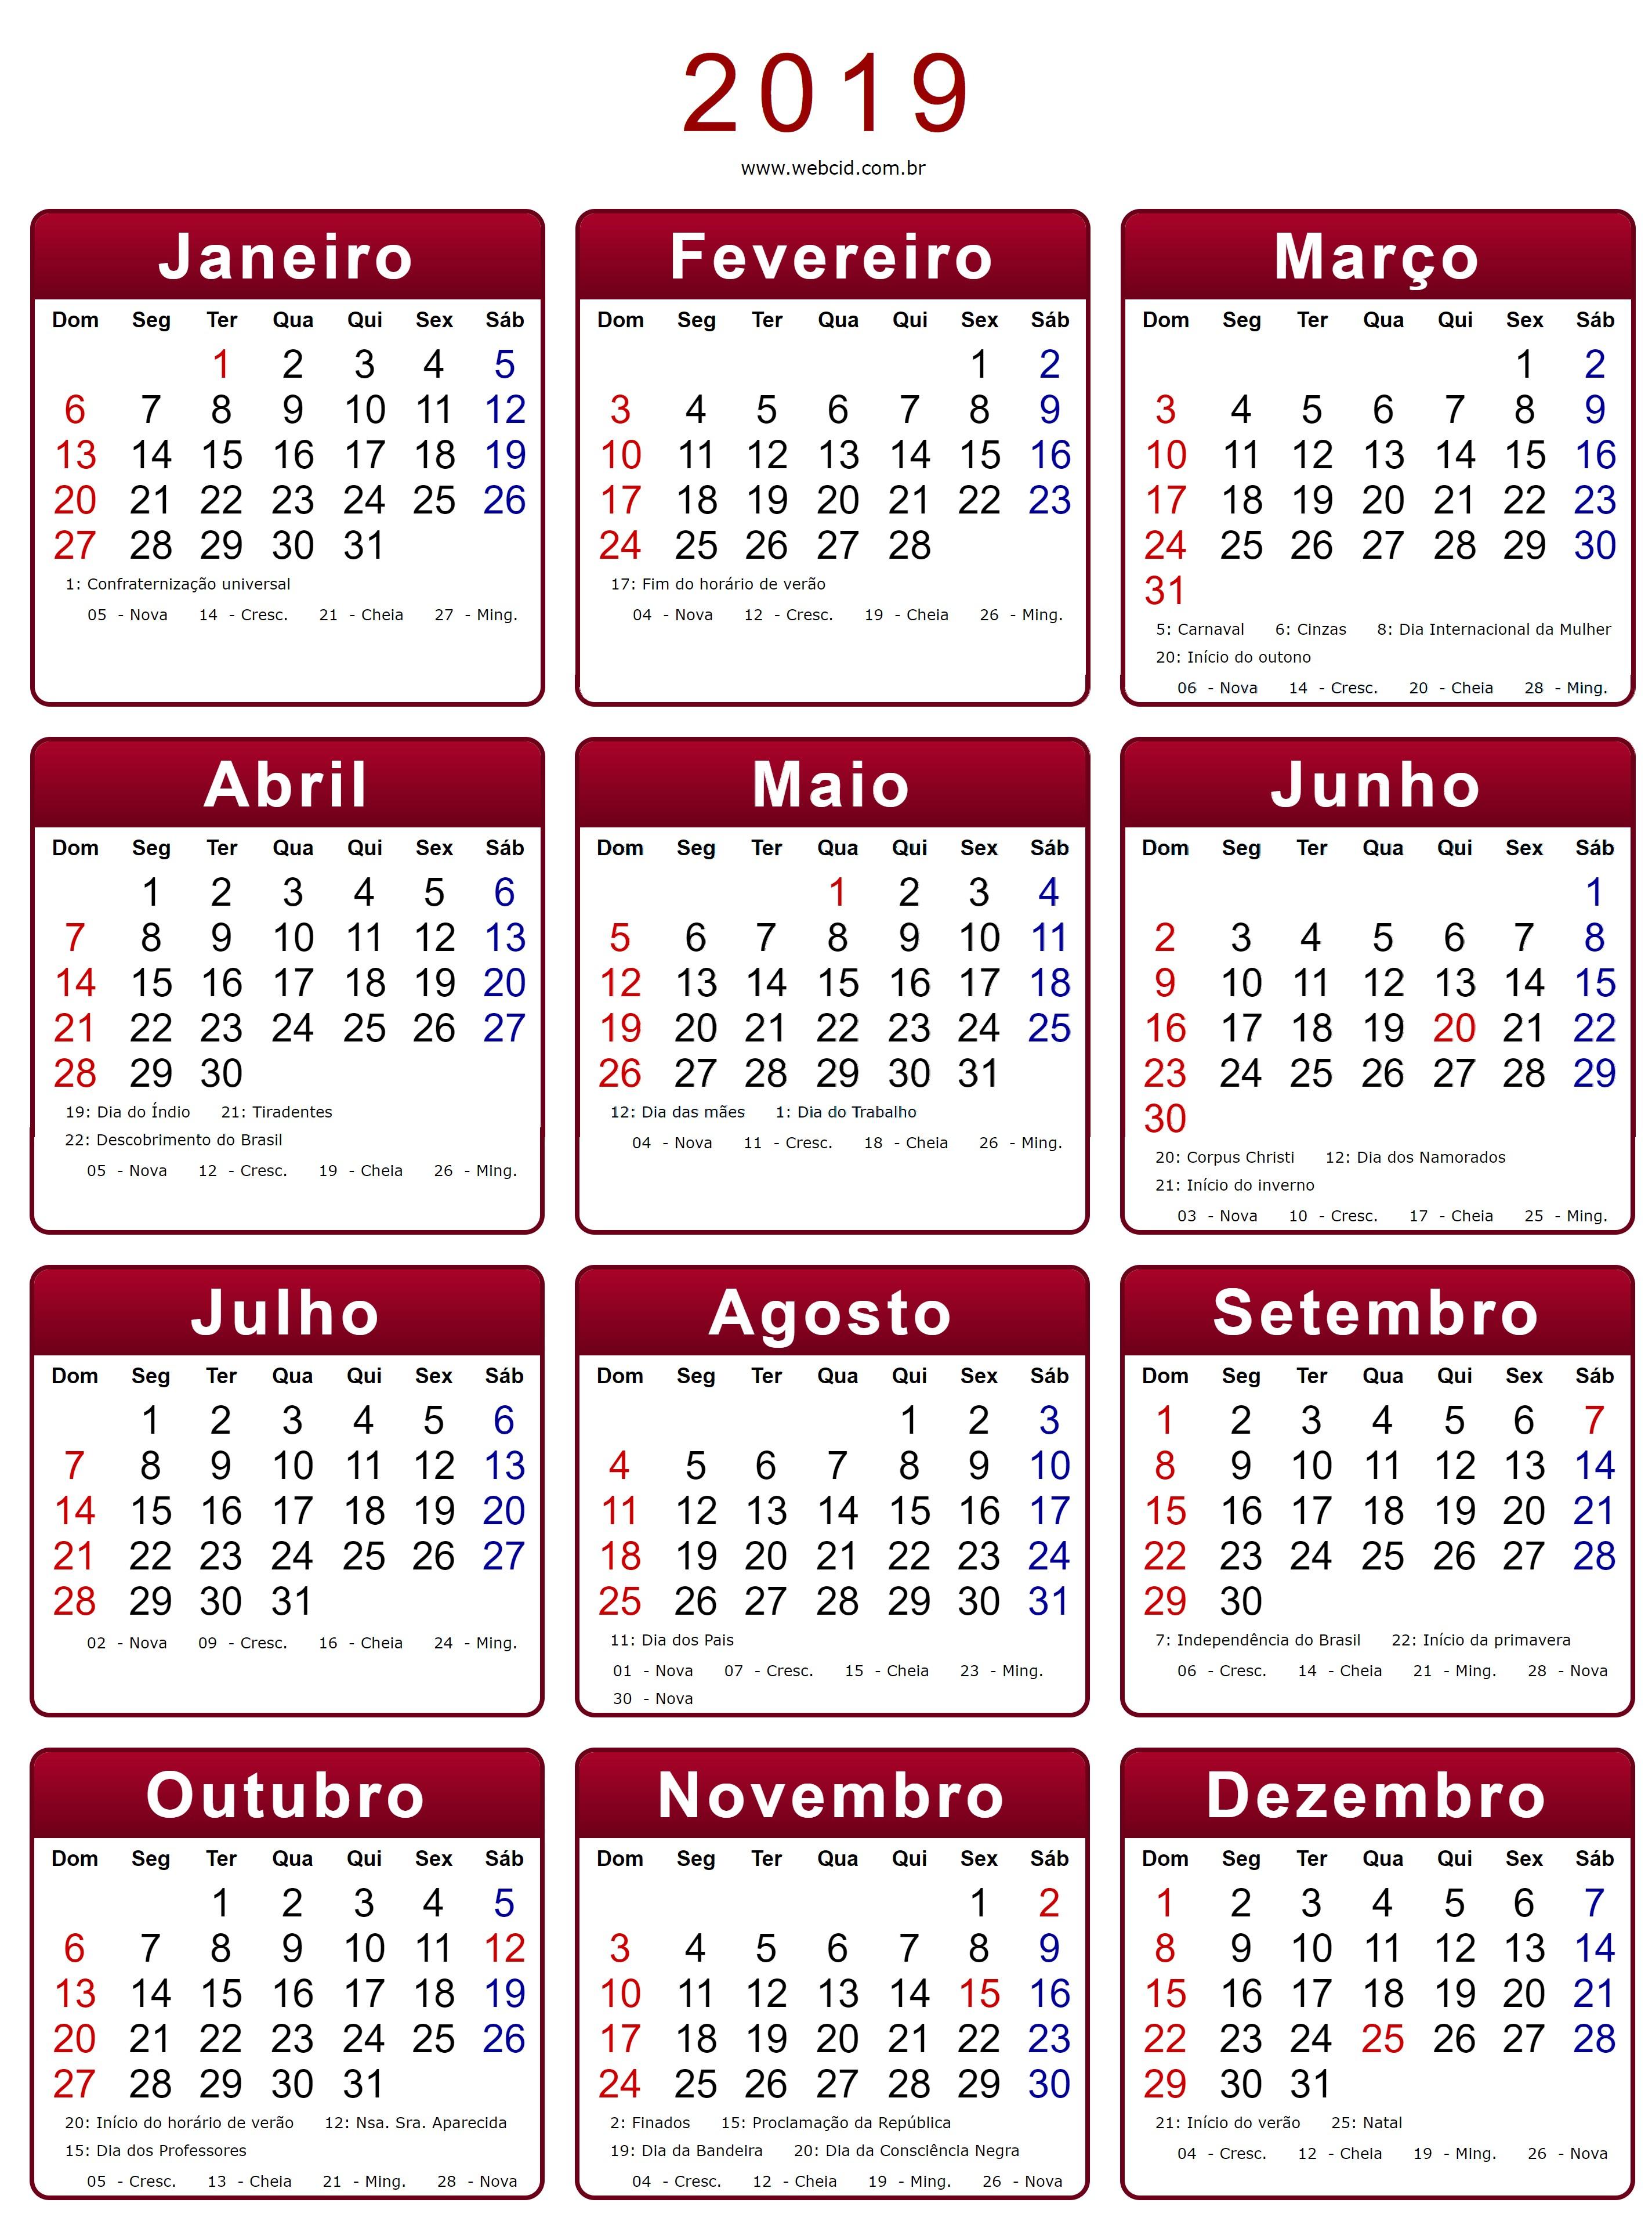 Calendario 2019 Basil.com Feriados 2019 Portugal Más Populares Calendario 2019 Portugal Feriados Excel Of Calendario 2019 Basil.com Feriados 2019 Portugal Más Actual Observar Calendario 2019 Feriados Do Brasil